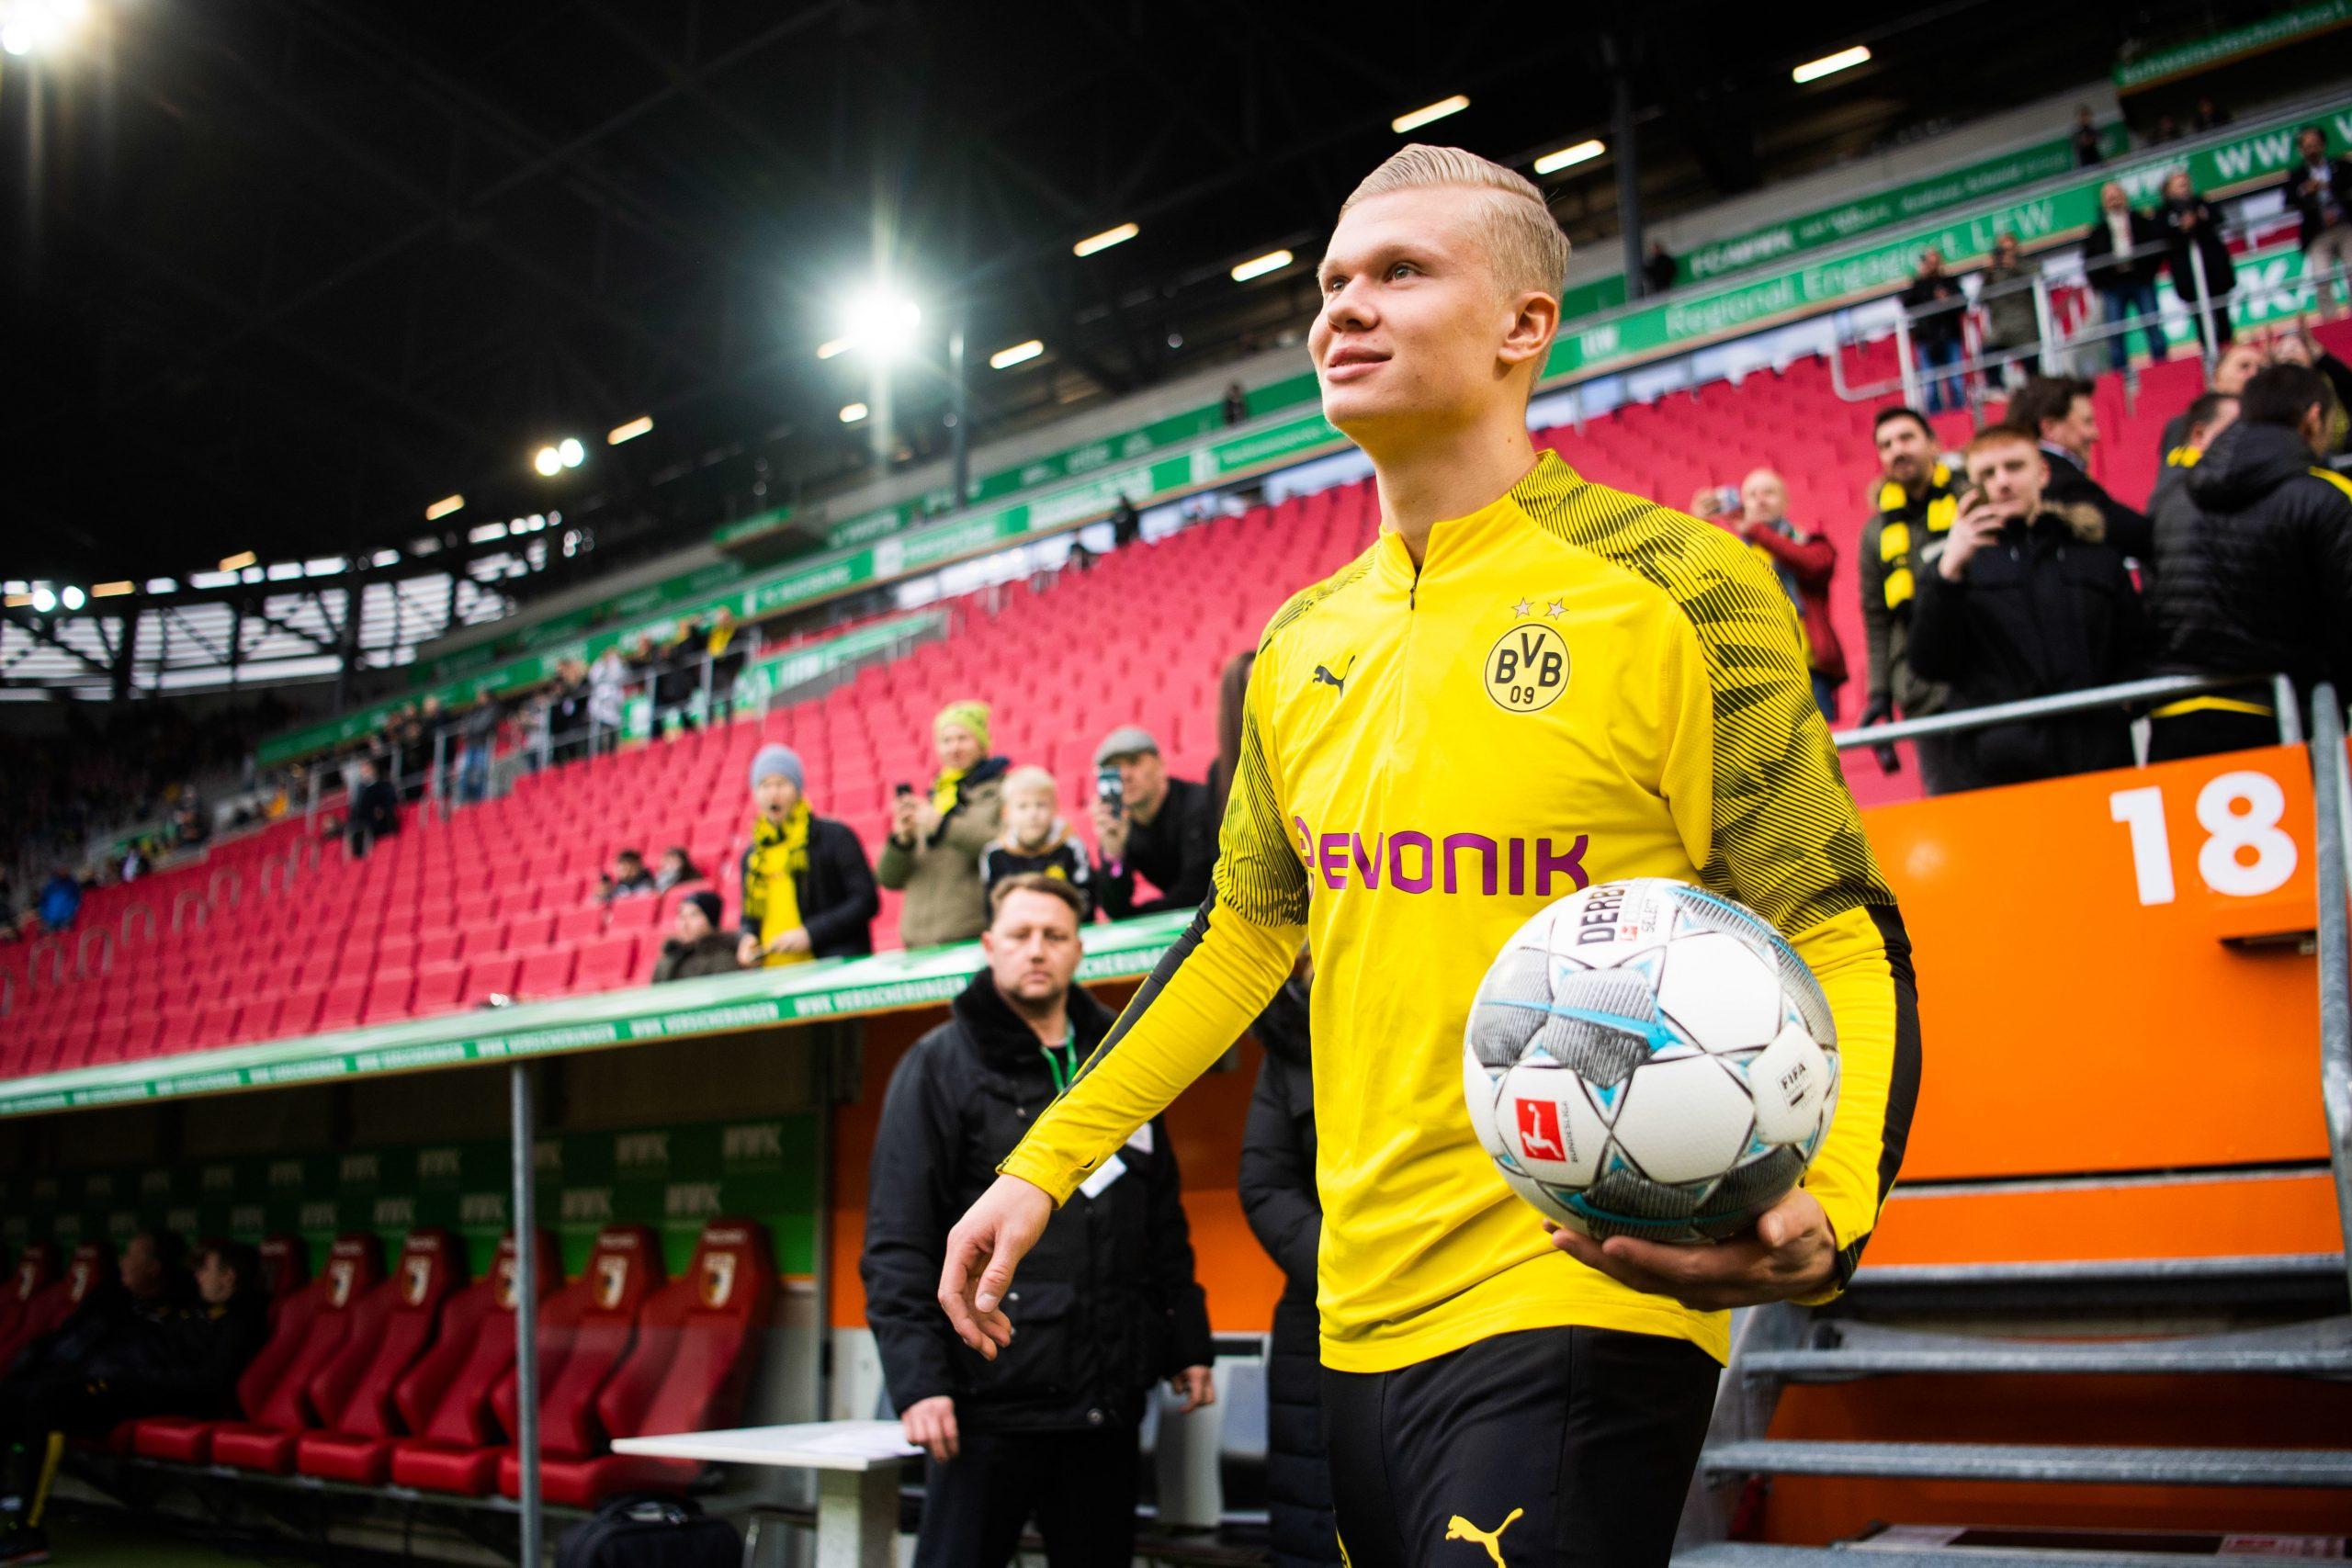 Dortmund s'impose à Ausbourg avec un scénario fou et un triplé de Håland